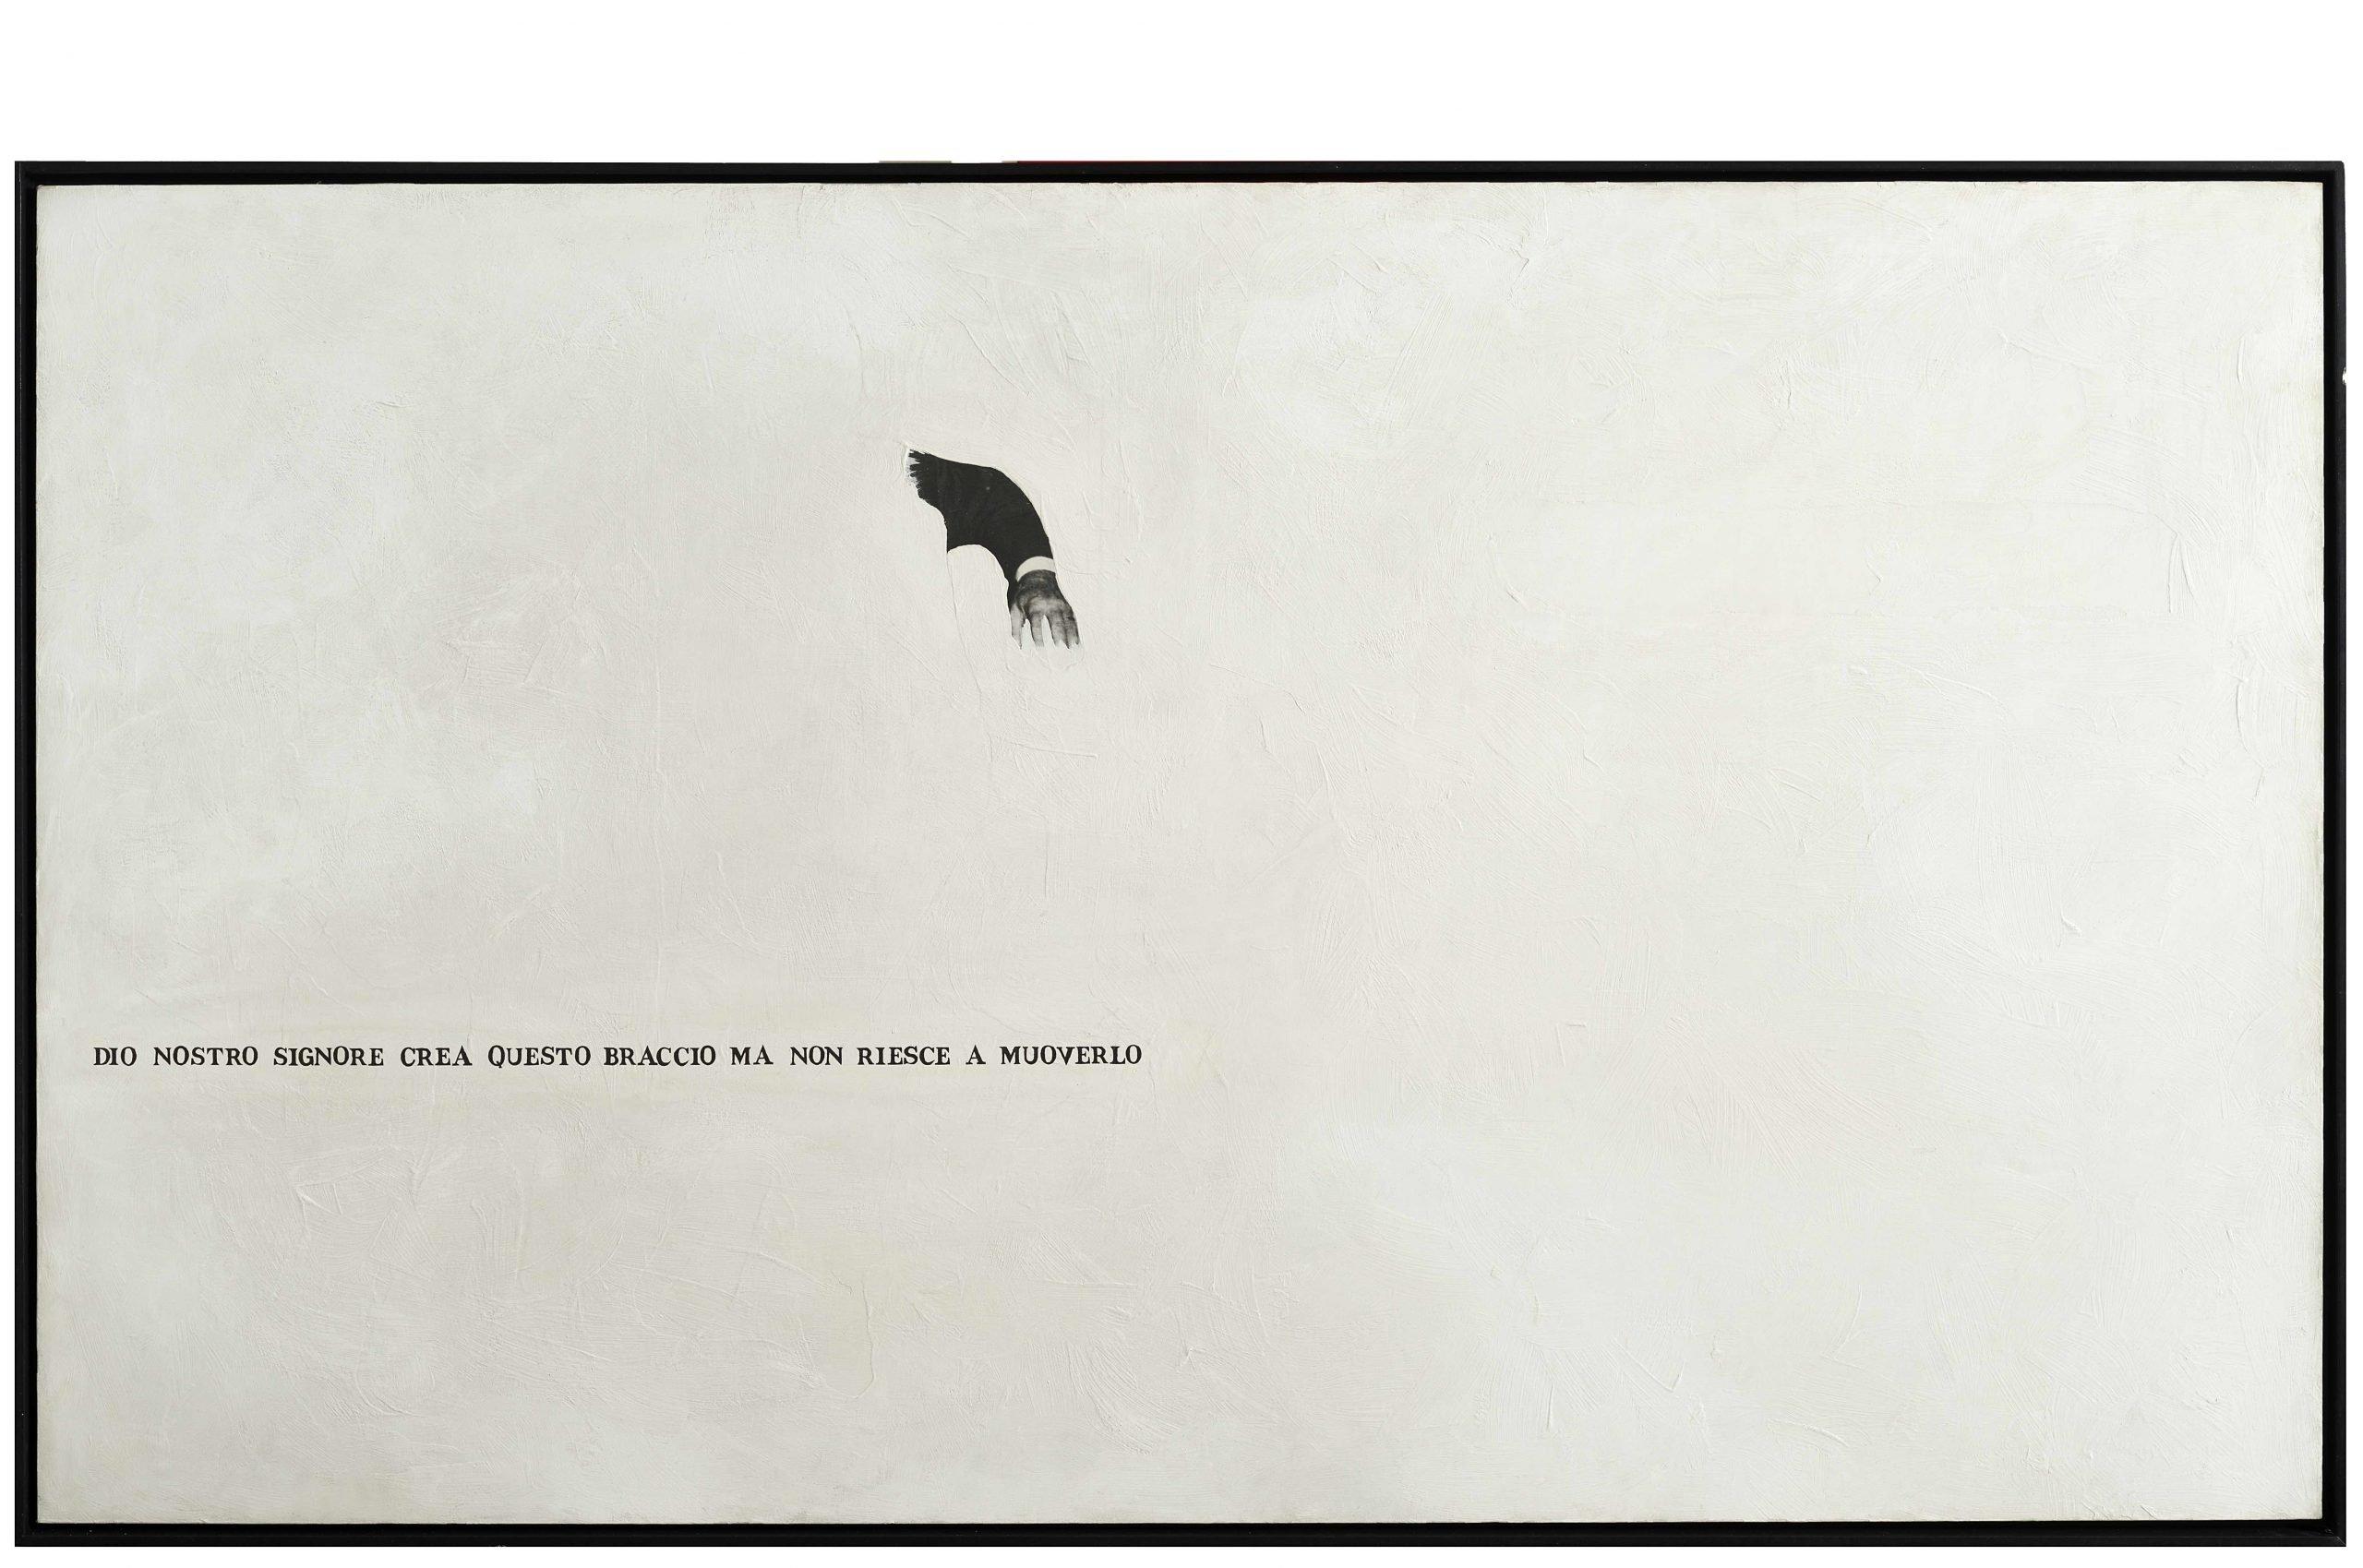 Emilio Isgrò, Il braccio, 1985, tecnica mista su tela su pannello, 118x200 cm